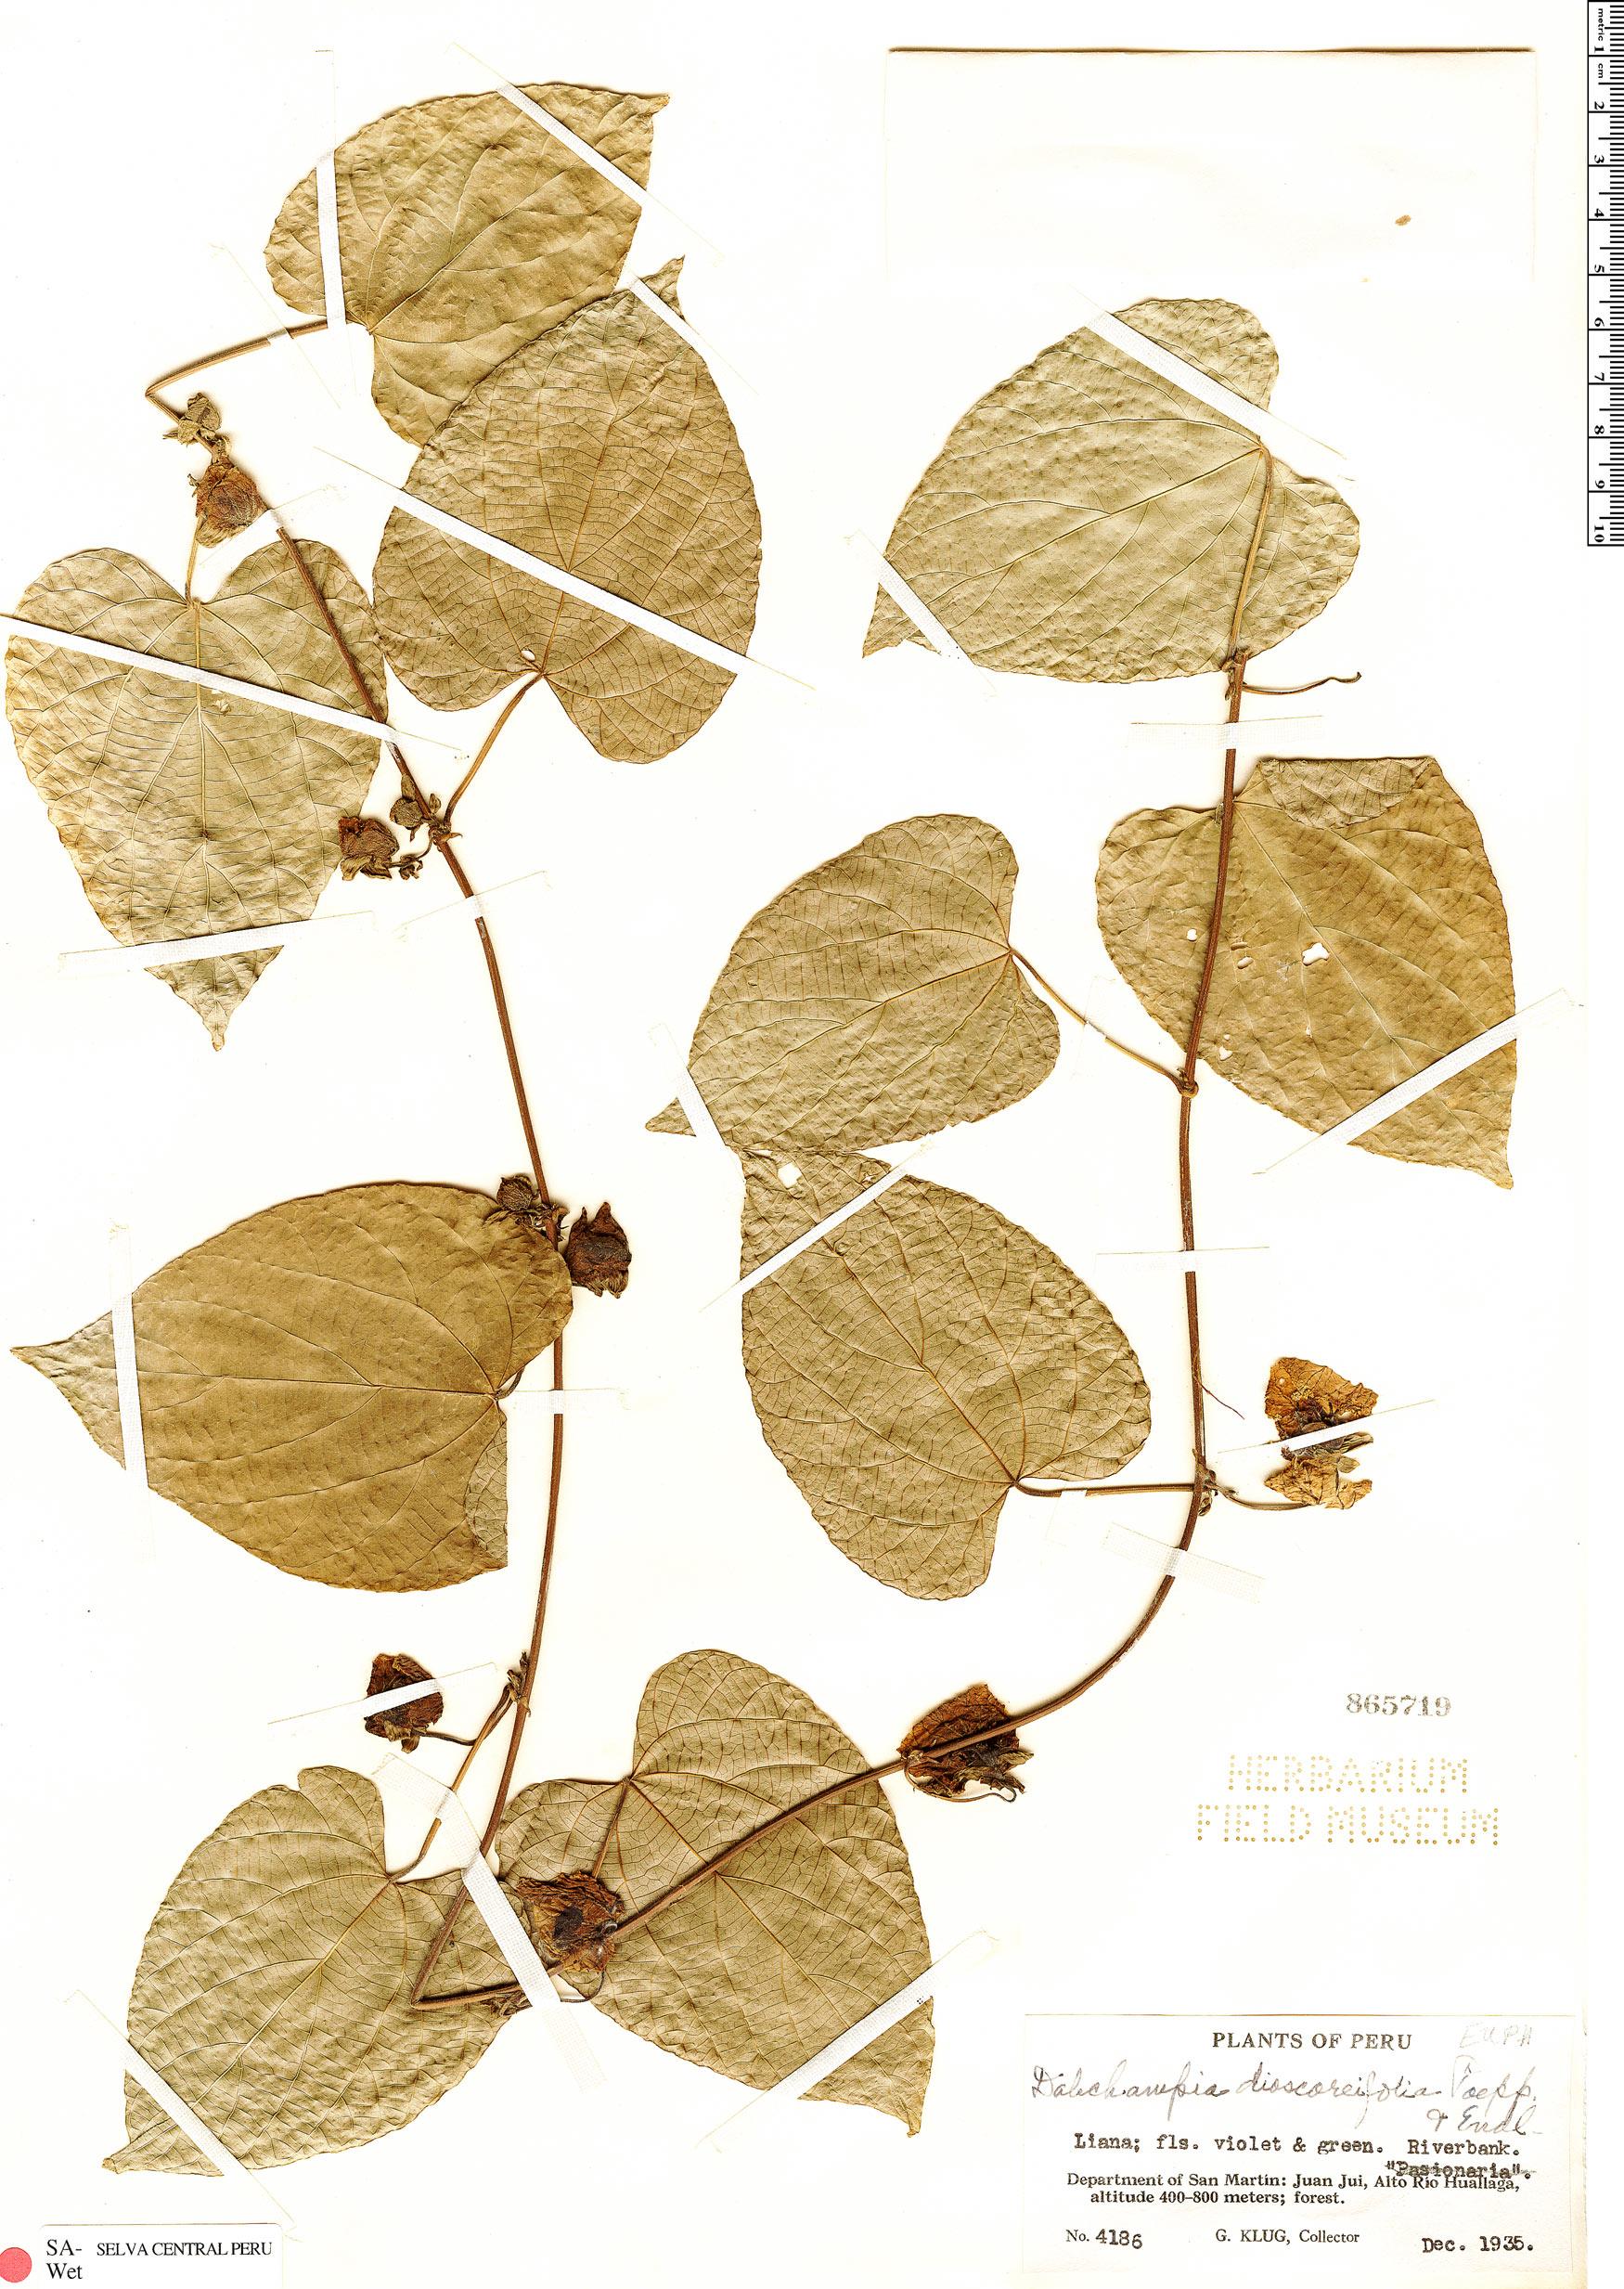 Specimen: Dalechampia dioscoreifolia